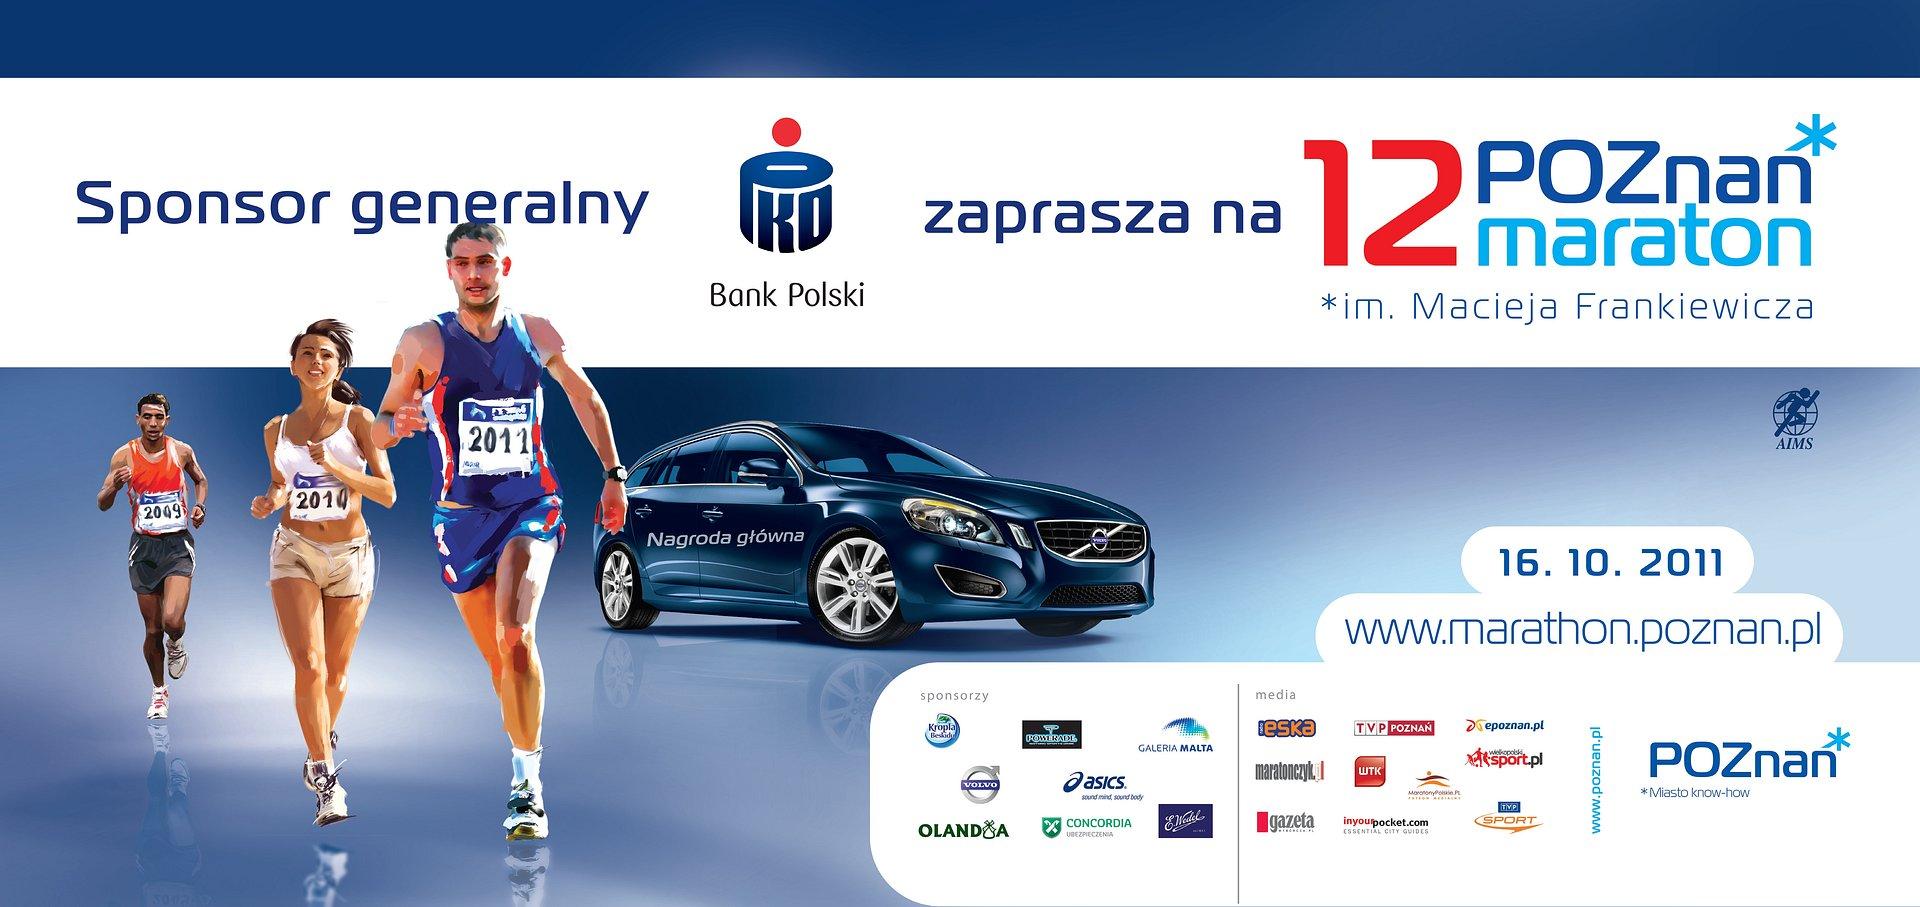 PKO Bank Polski generalnym sponsorem Poznań Maraton im. Macieja Frankiewicza